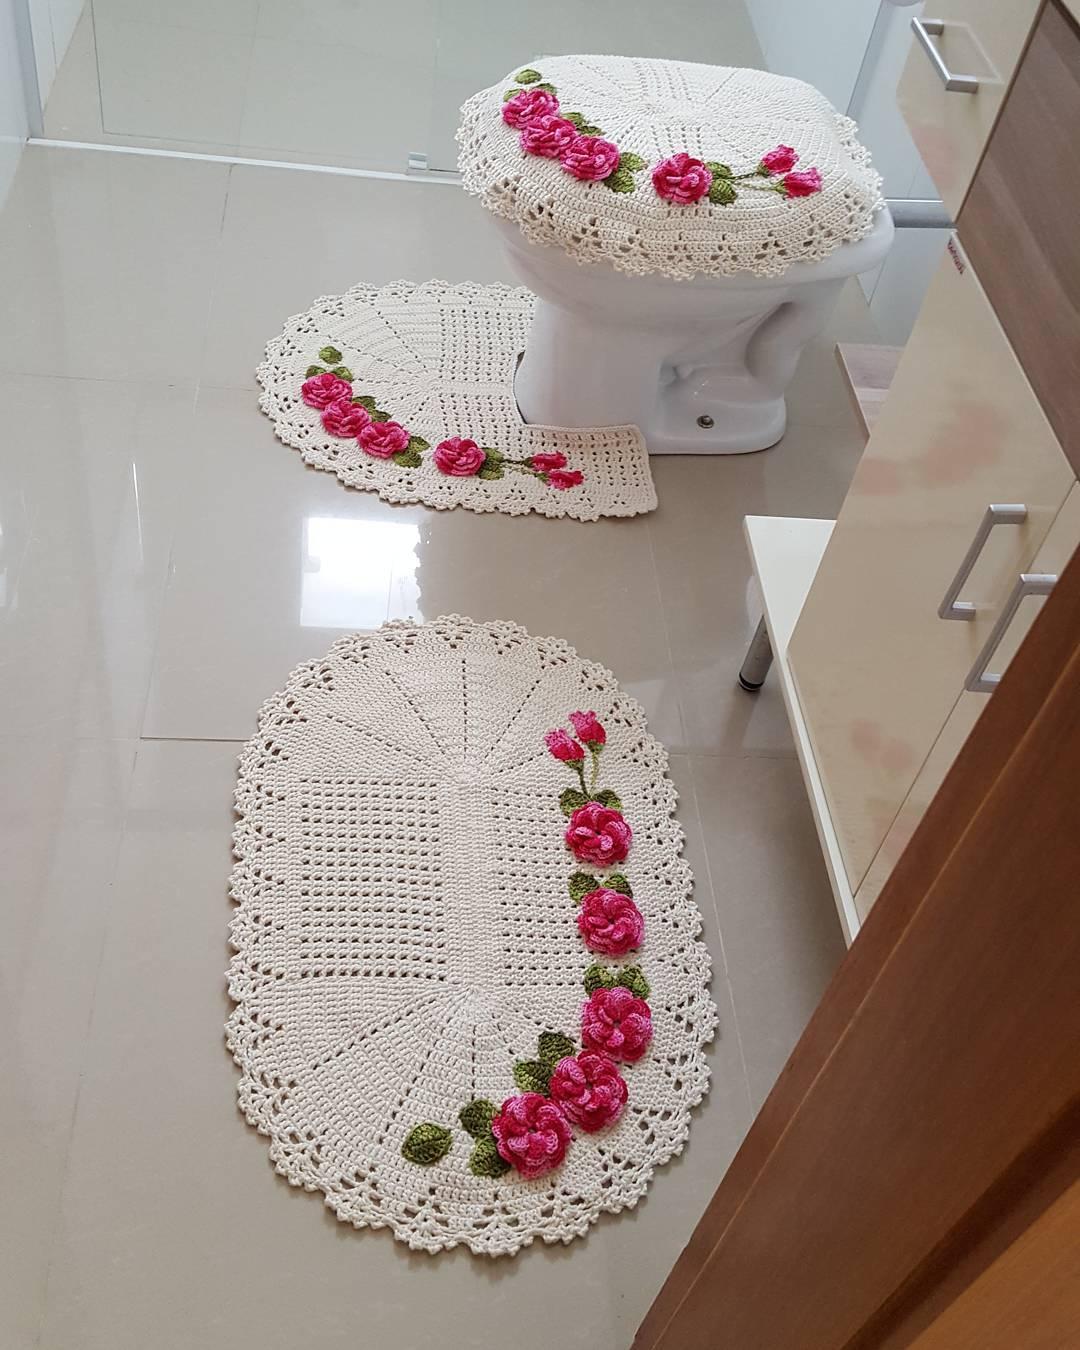 Jogo De Banheiro De Croch 60 Fotos Ideias E Passo A Passo -> Fotos De Tapete De Croche